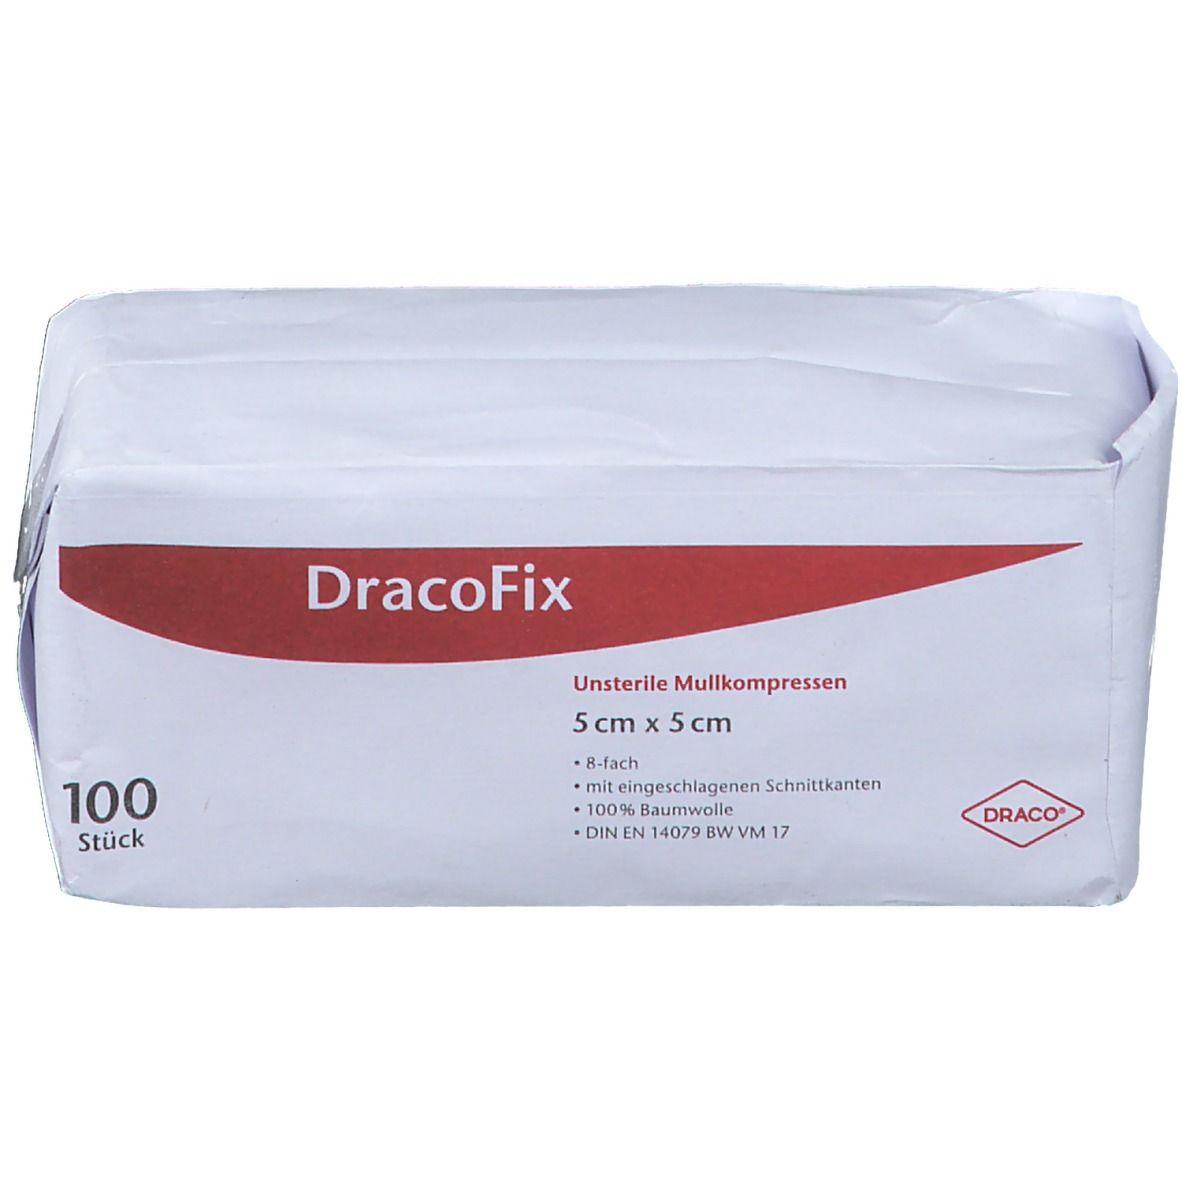 DracoFix Mullkompressen unsteril 8fach 5x5cm